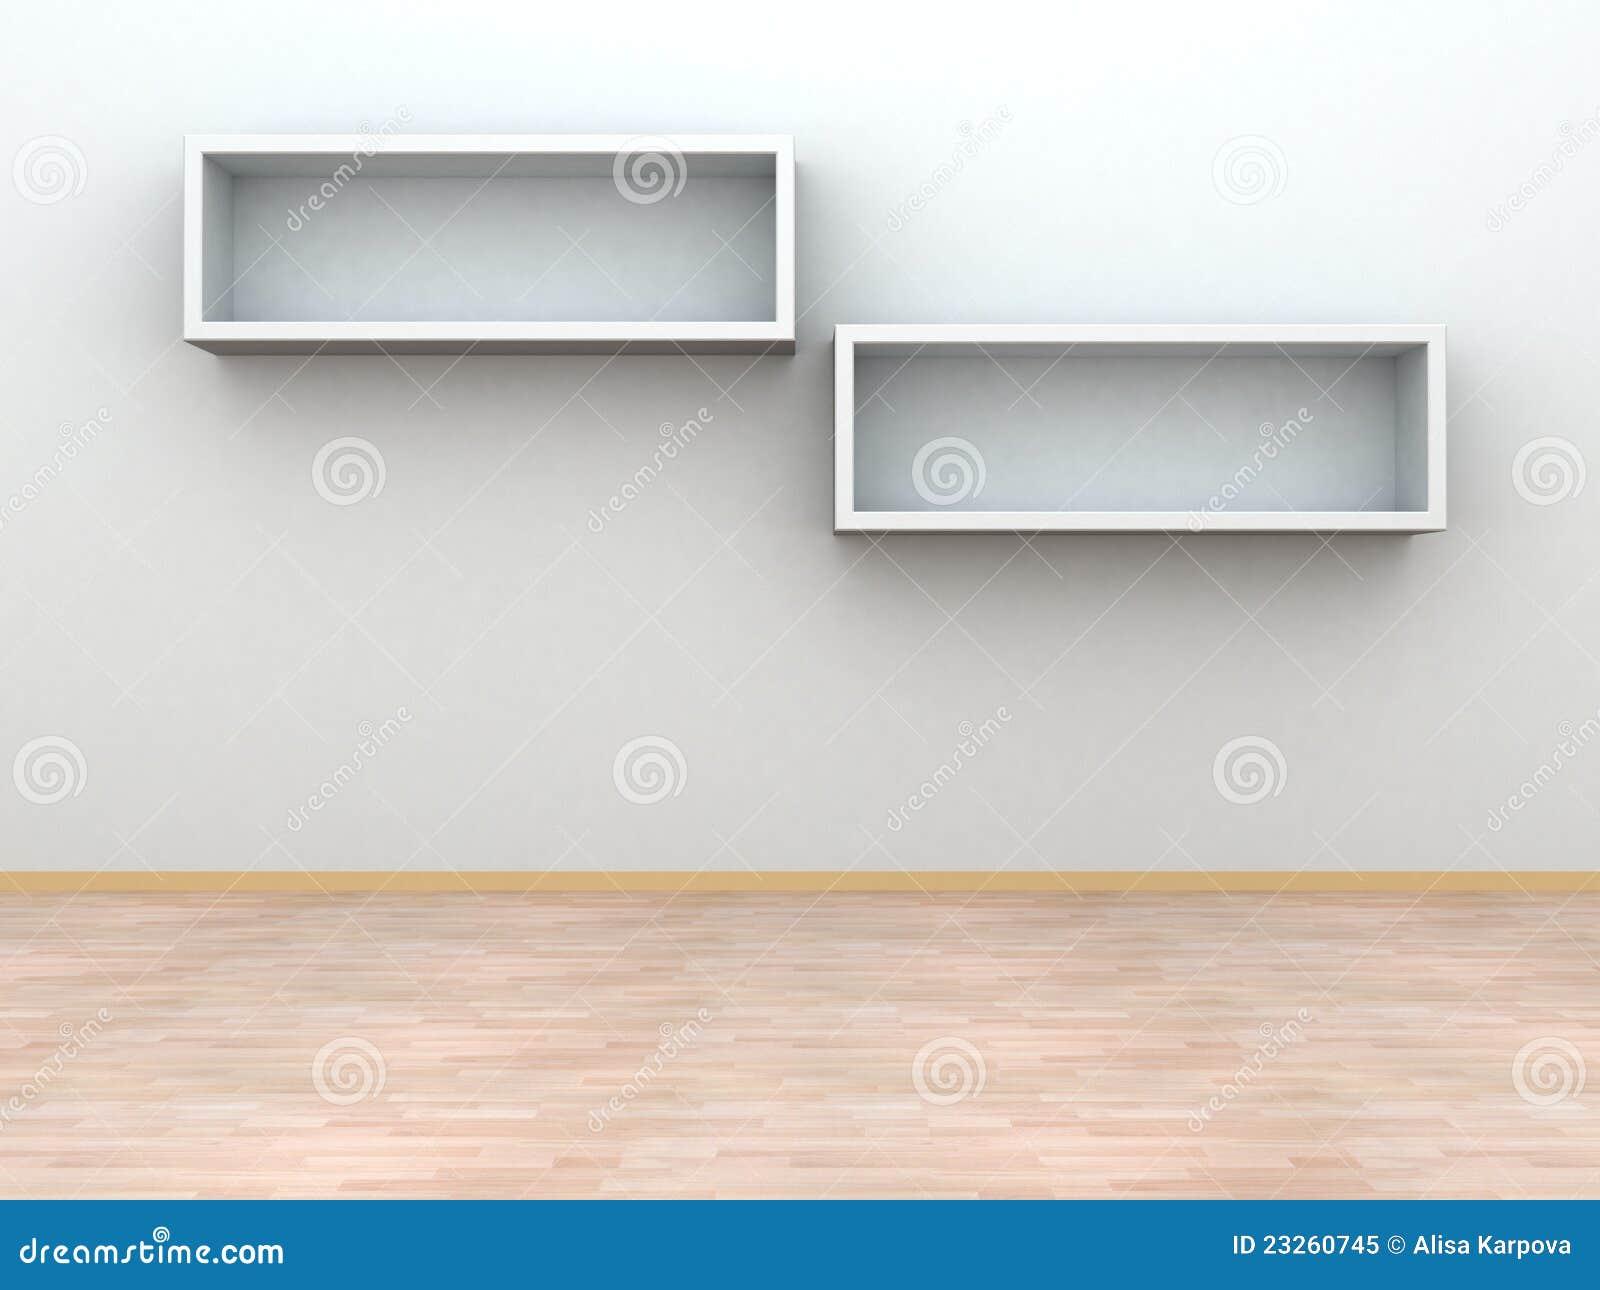 Bücherregale Auf Der Wand Moderner Innenraum Stock Abbildung